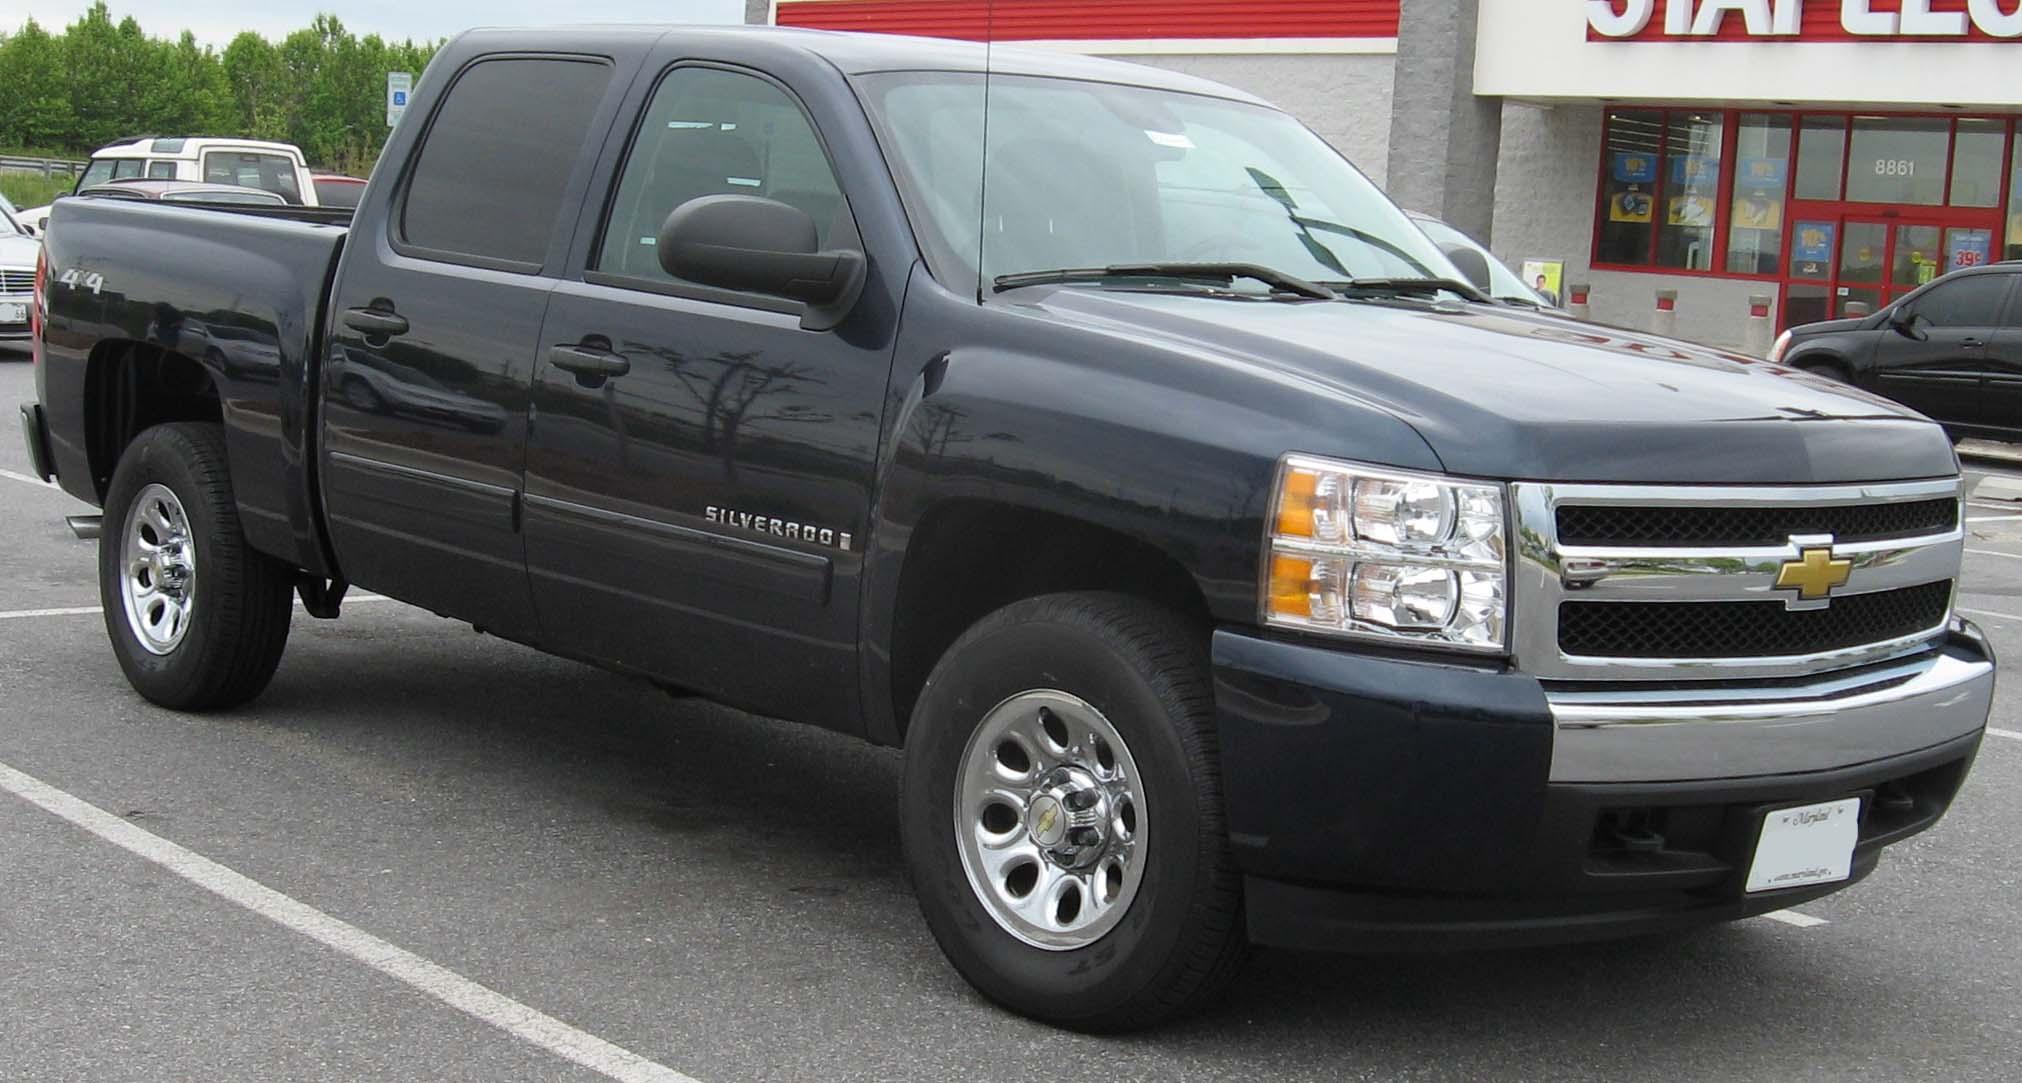 Chevrolet Silverado 2004 foto - 2